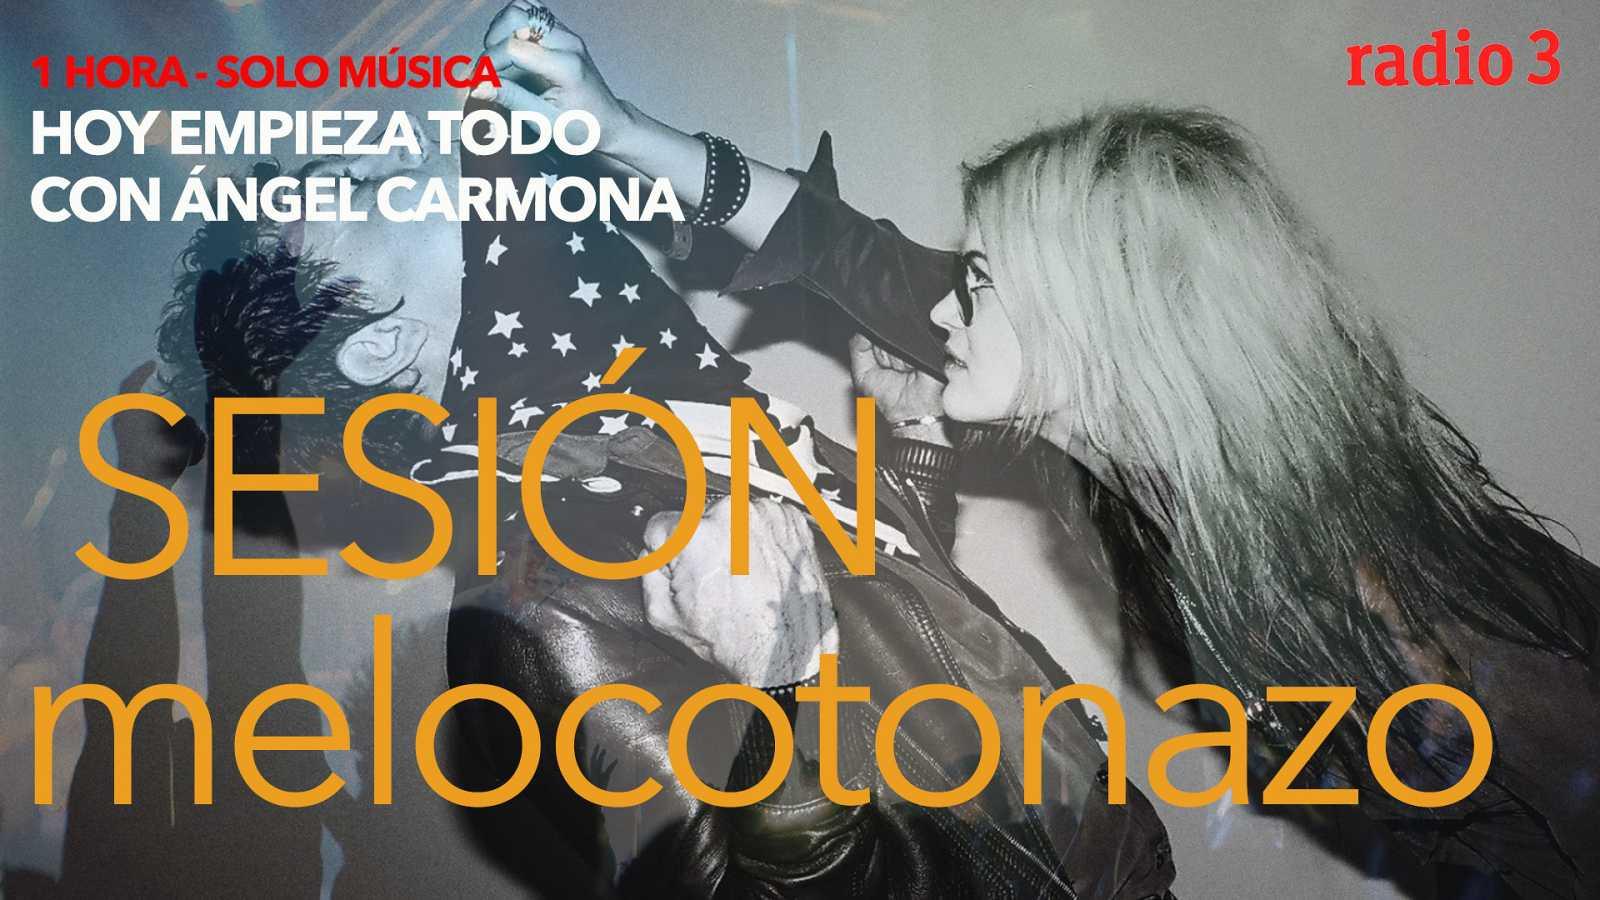 Hoy empieza todo con Ángel Carmona - #SesiónMelocotonazo: Tom Petty, The Kills, Vetusta Morla... - 20/10/20 - escuchar ahora